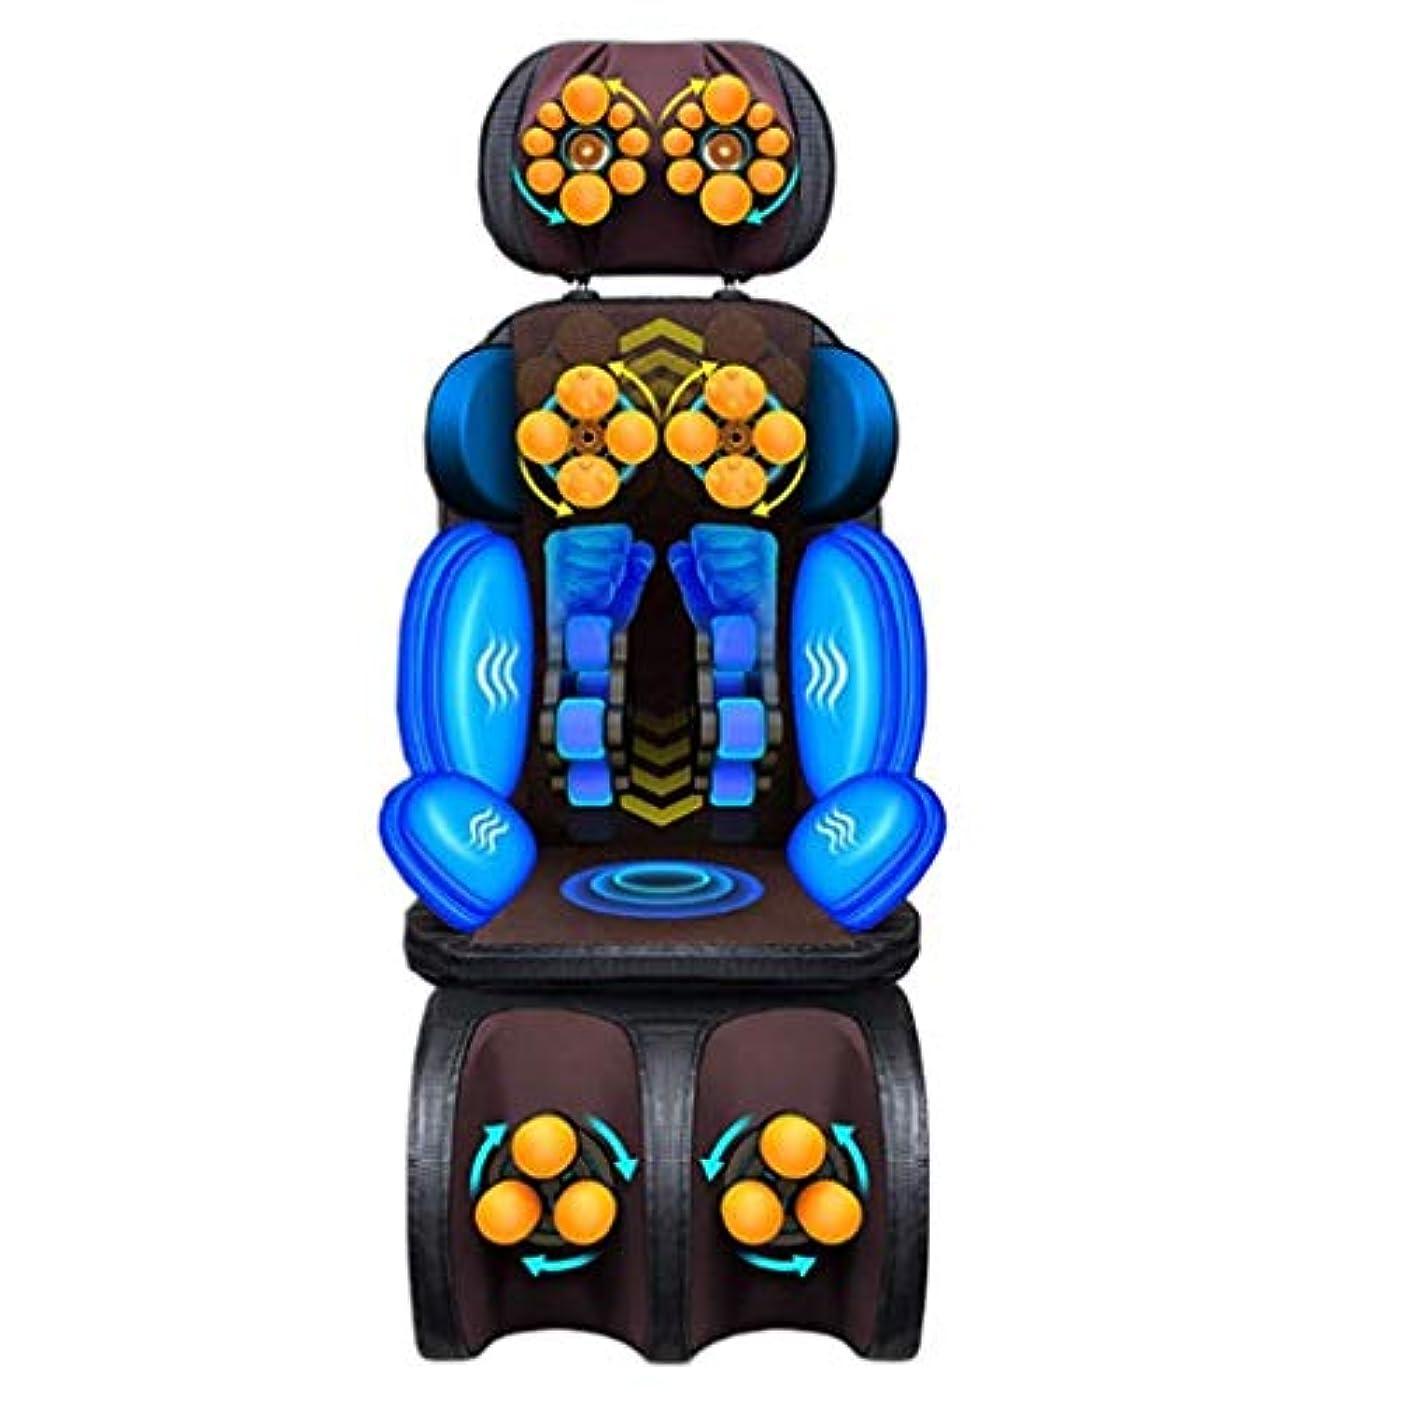 表現レンド敬意を表するマッサージクッション、電動全身マッサージクッションチェア、多機能振動マッサージャー、首の後ろ足と足のマッサージ、ホームオフィスの運転に適しています